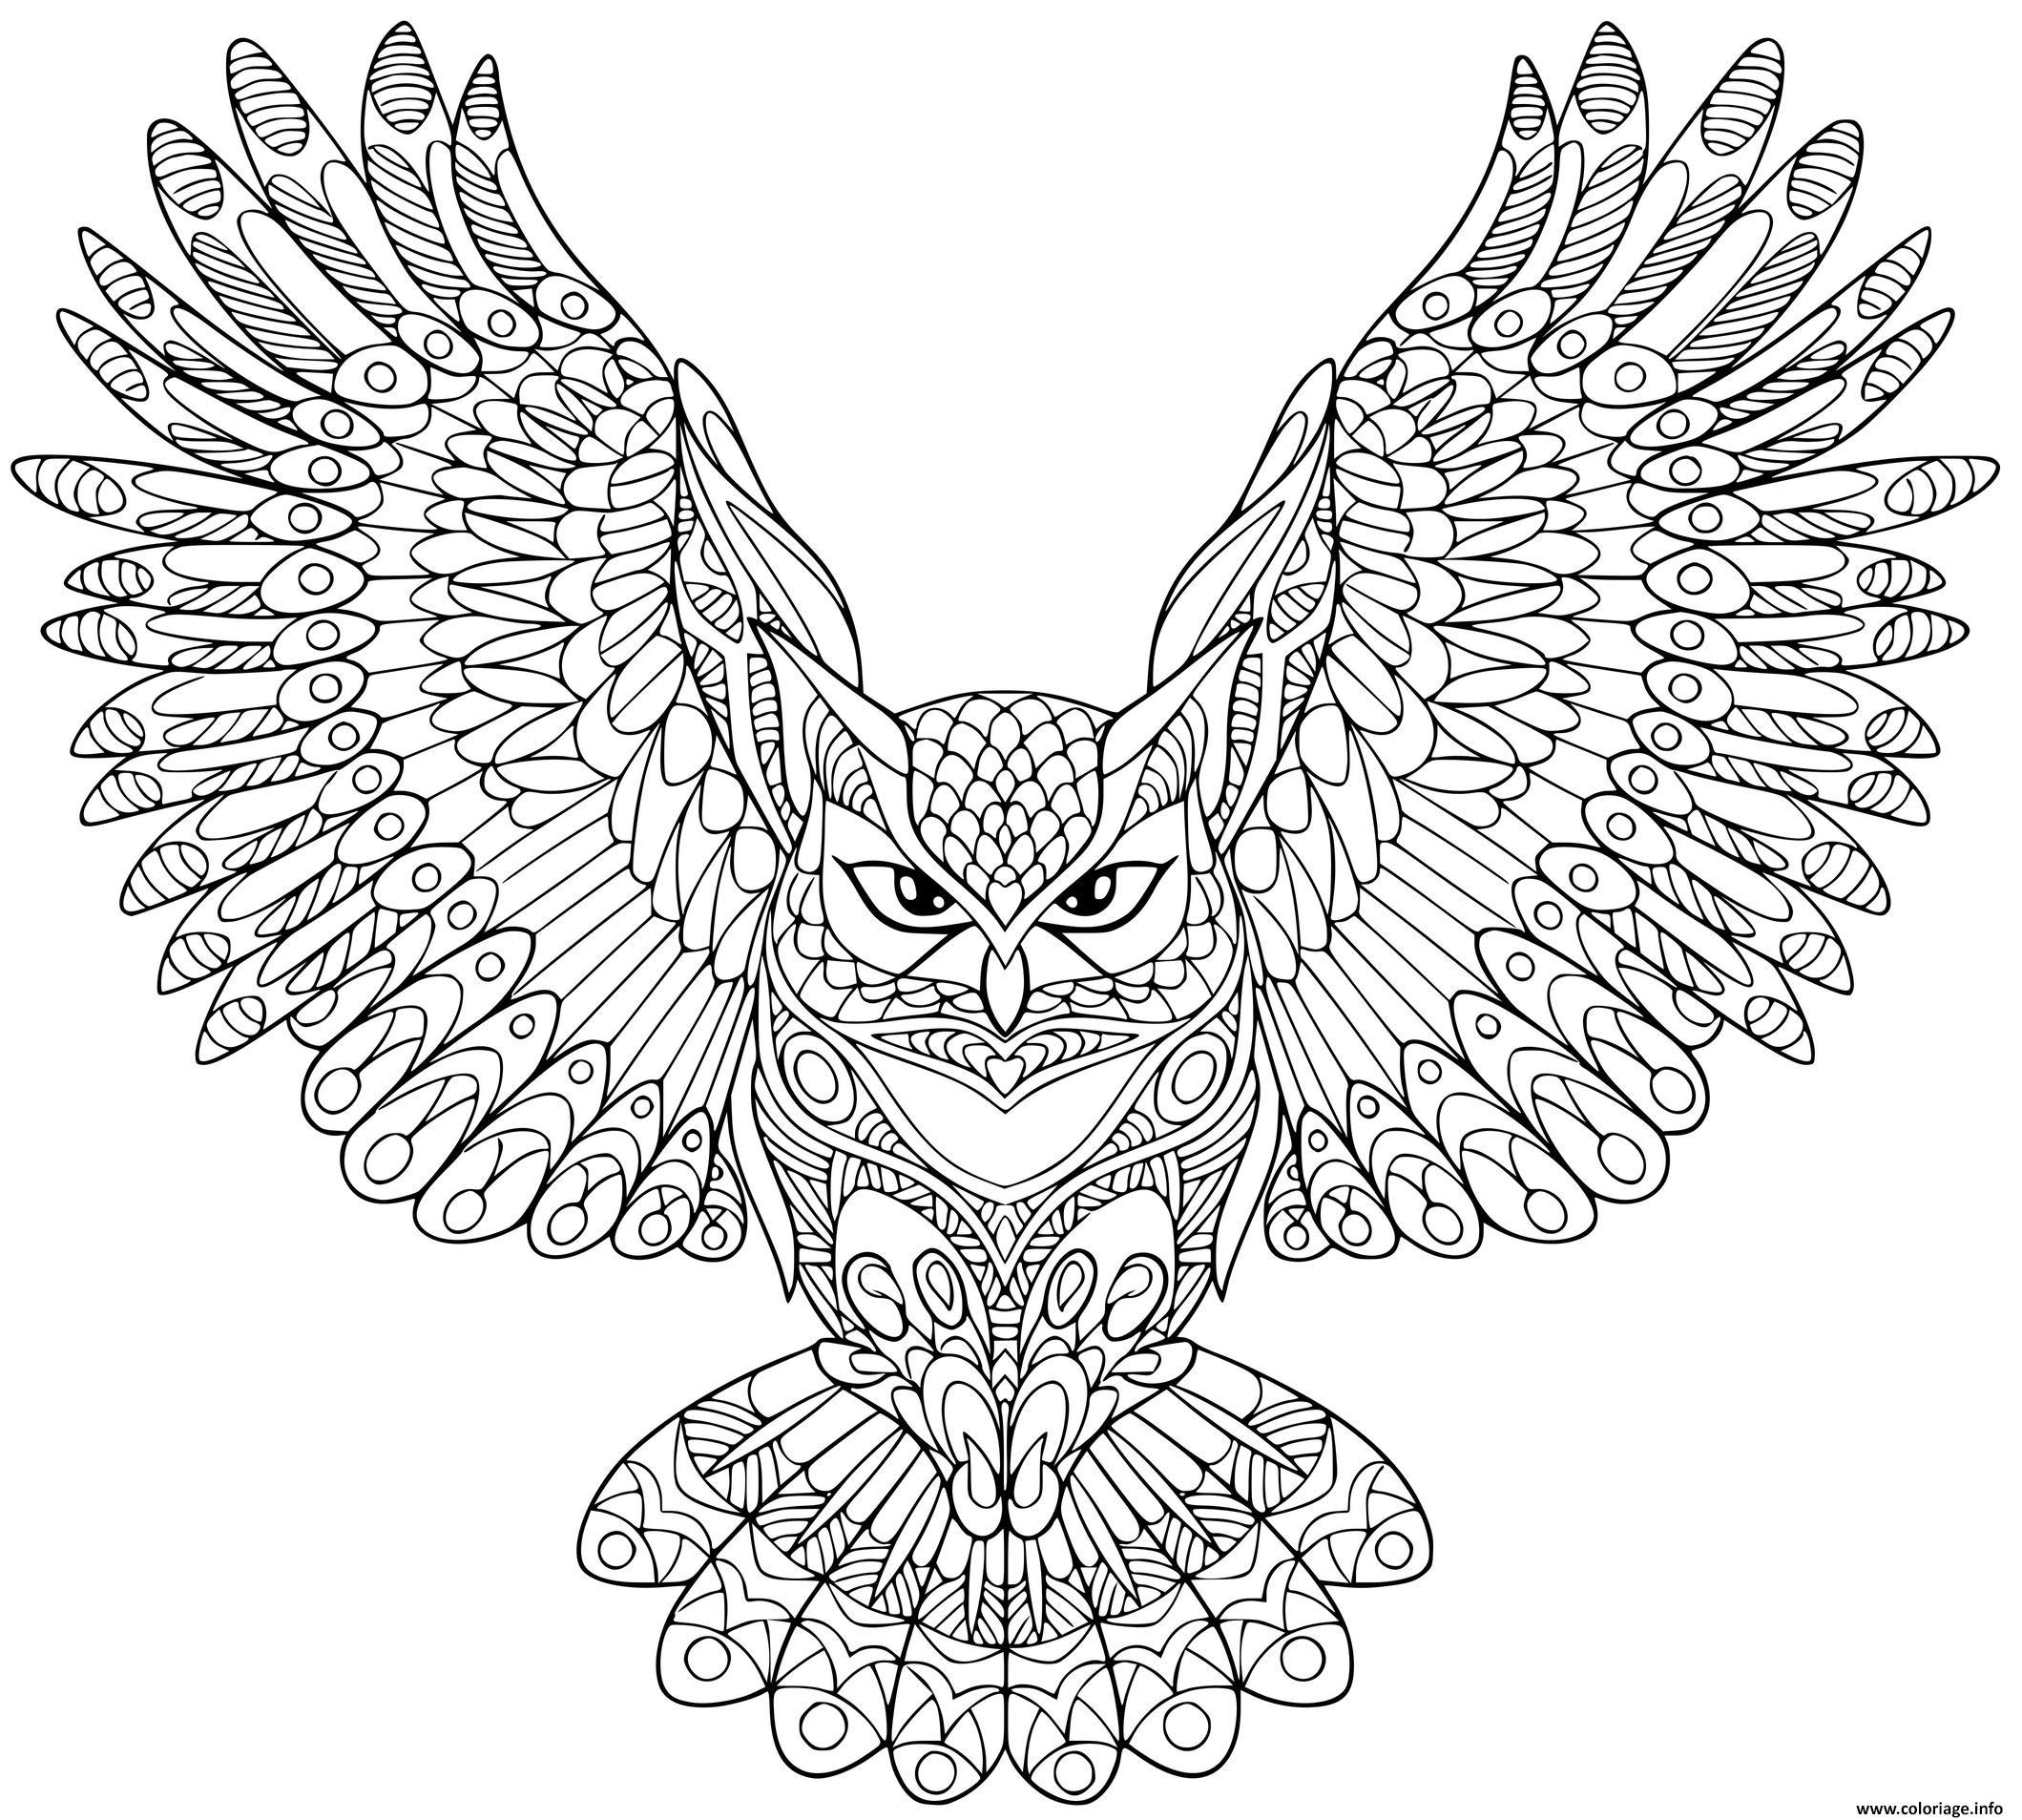 Dessin zentangle aigle hibou halloween adulte Coloriage Gratuit à Imprimer